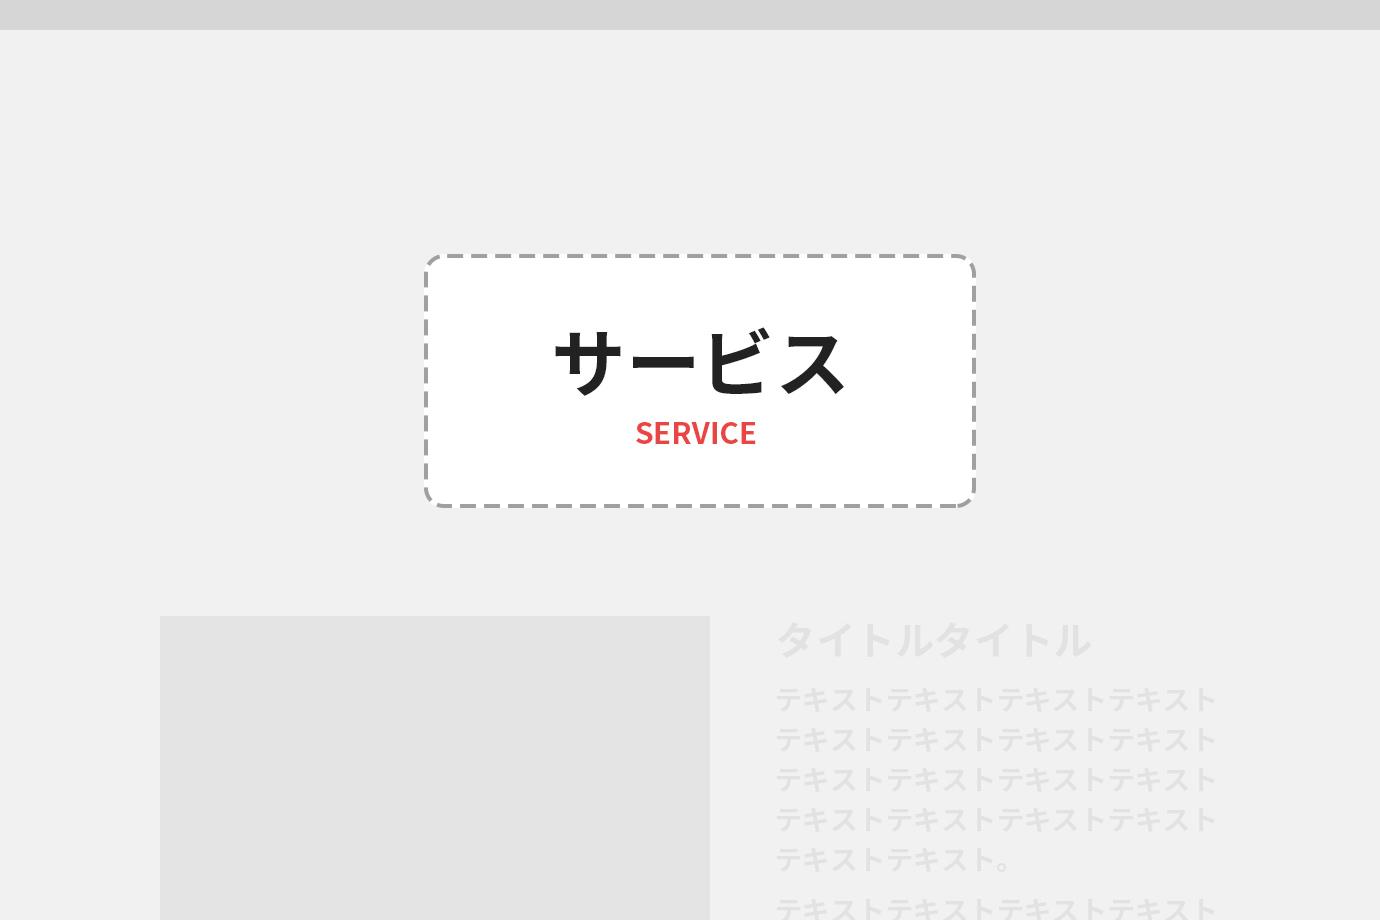 サービスの見出し